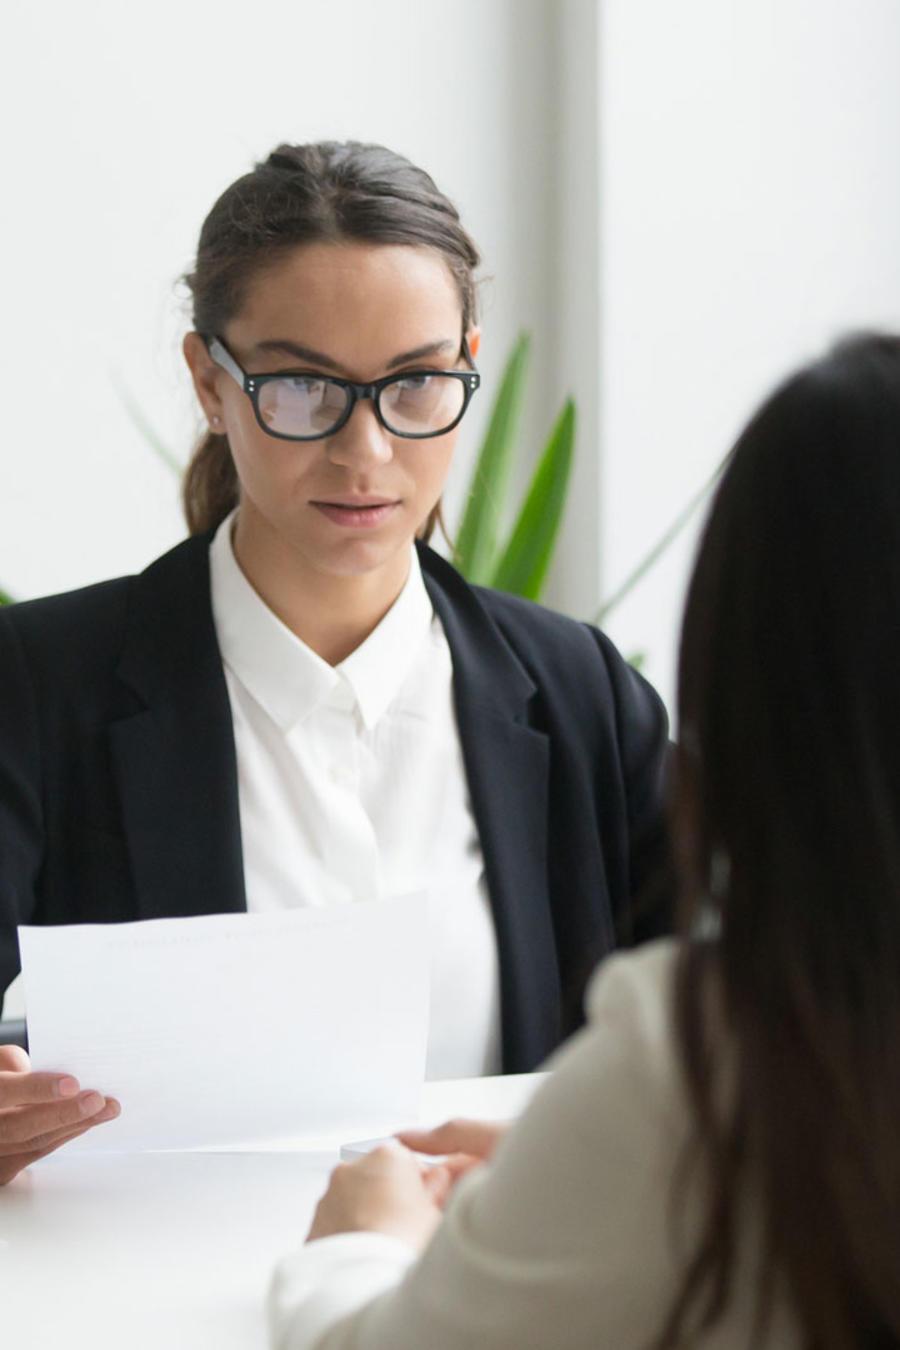 Controla los nervios antes de una entrevista laboral